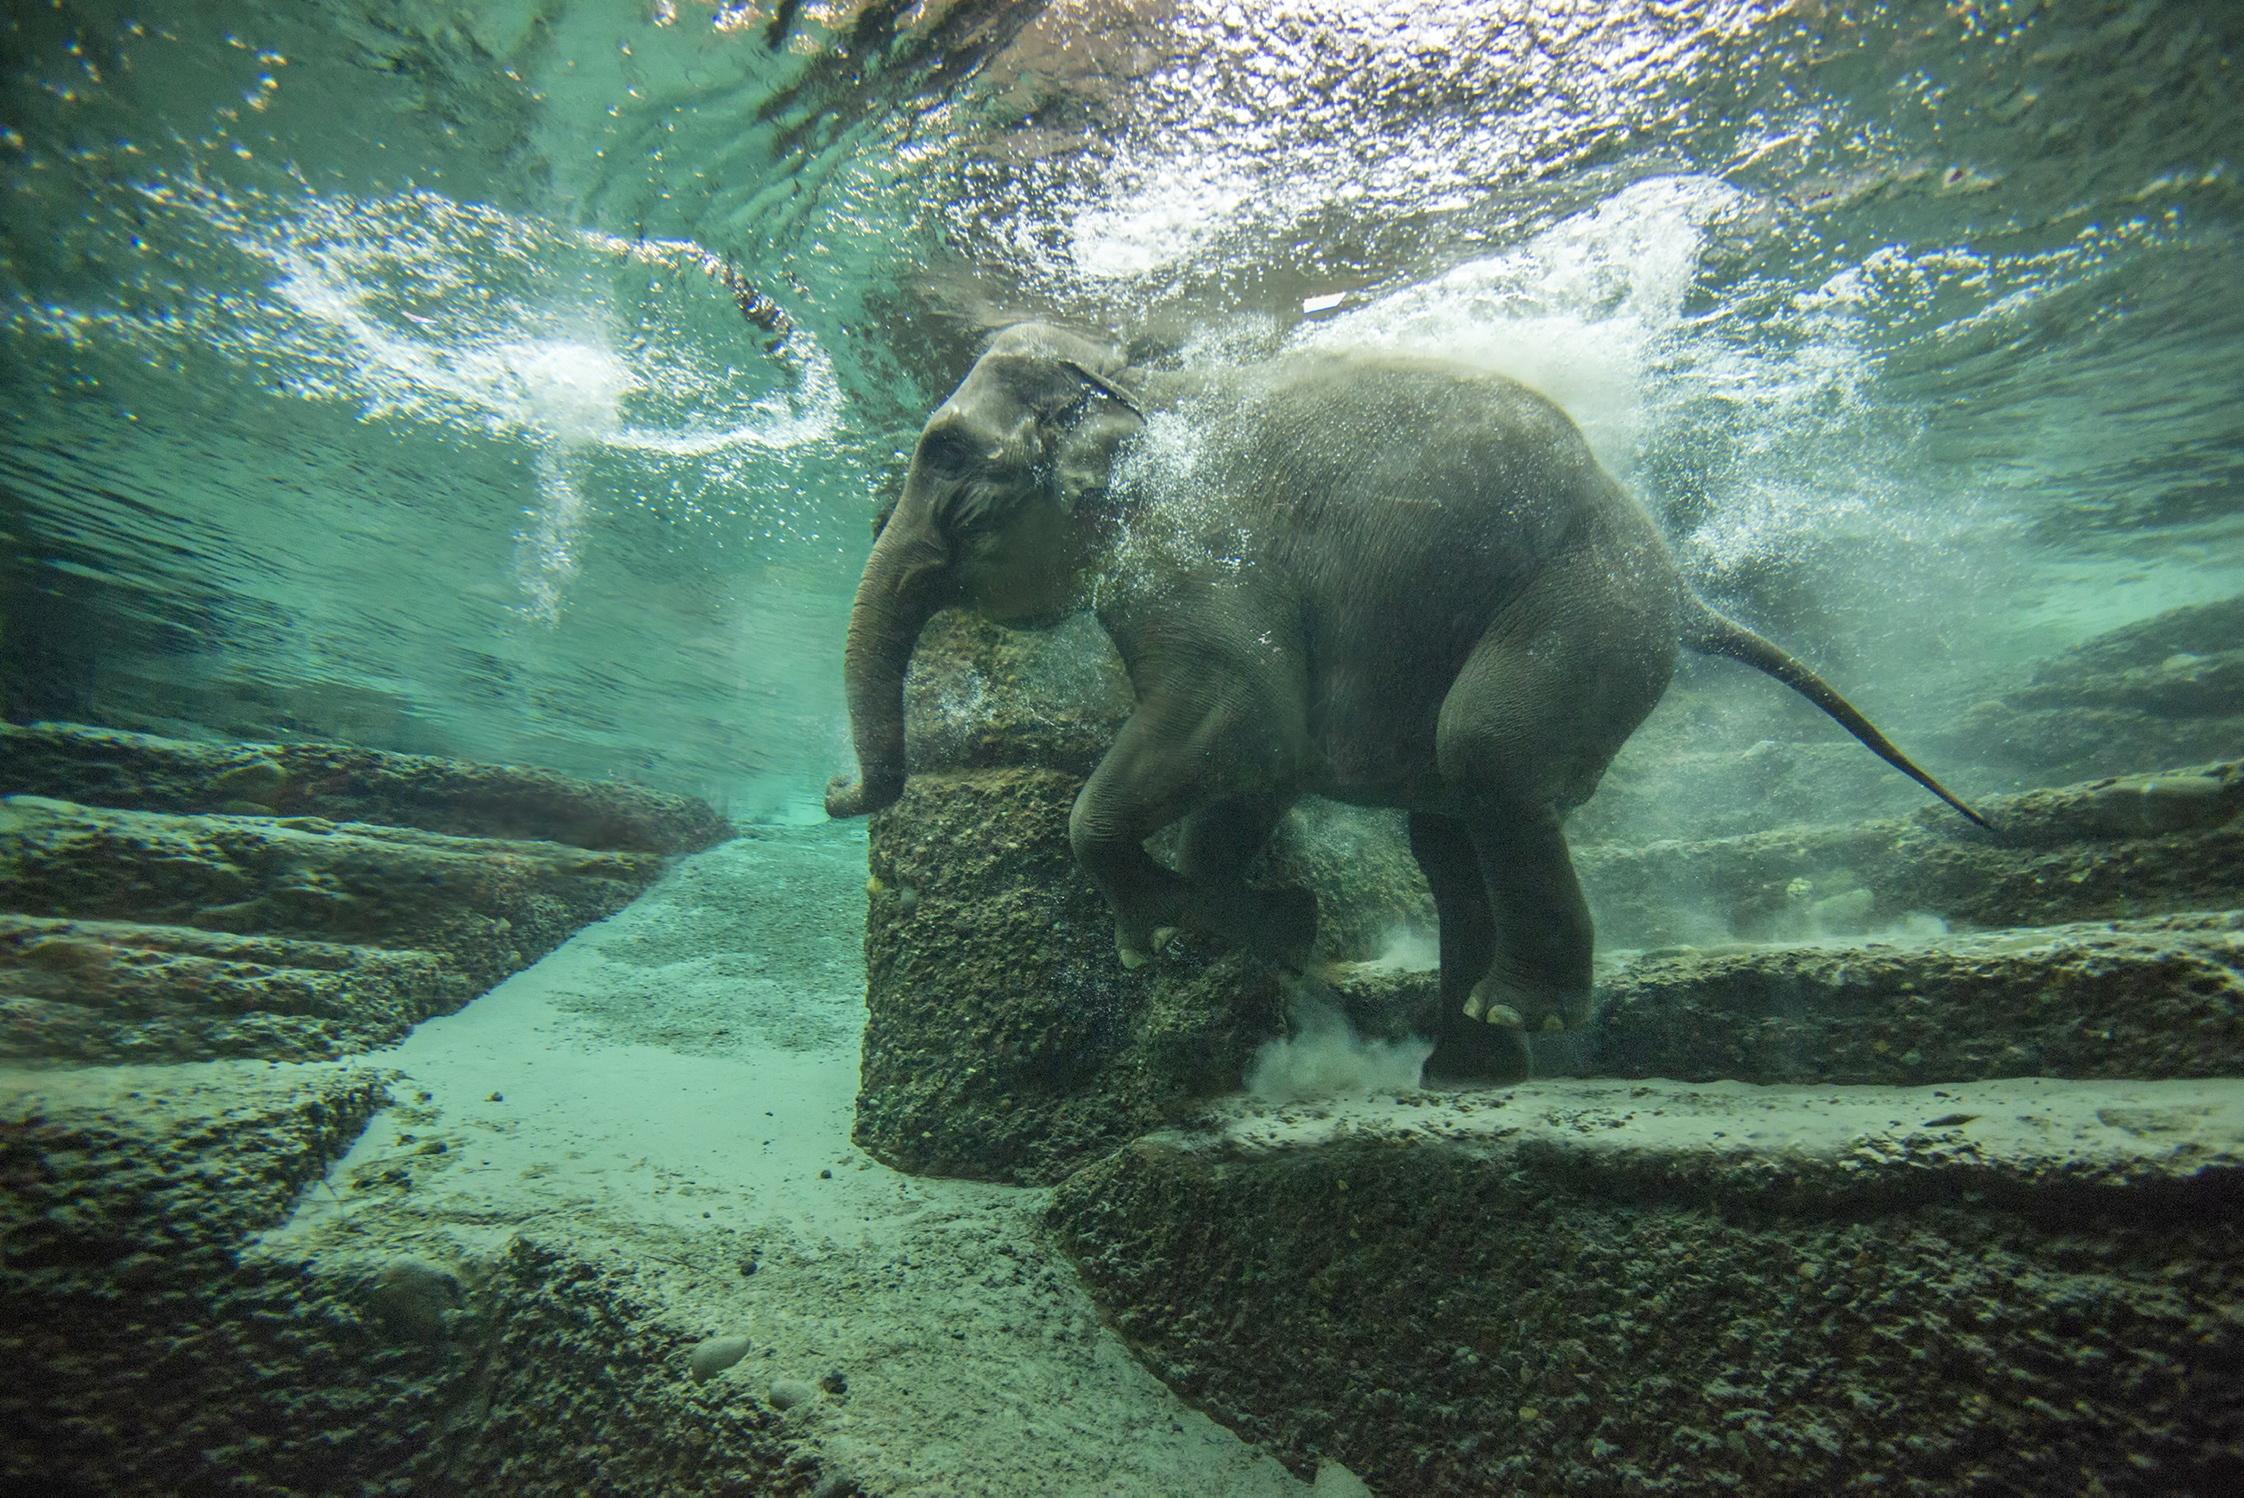 Les meilleurs zoos de Suisse - Zoo de Zurich